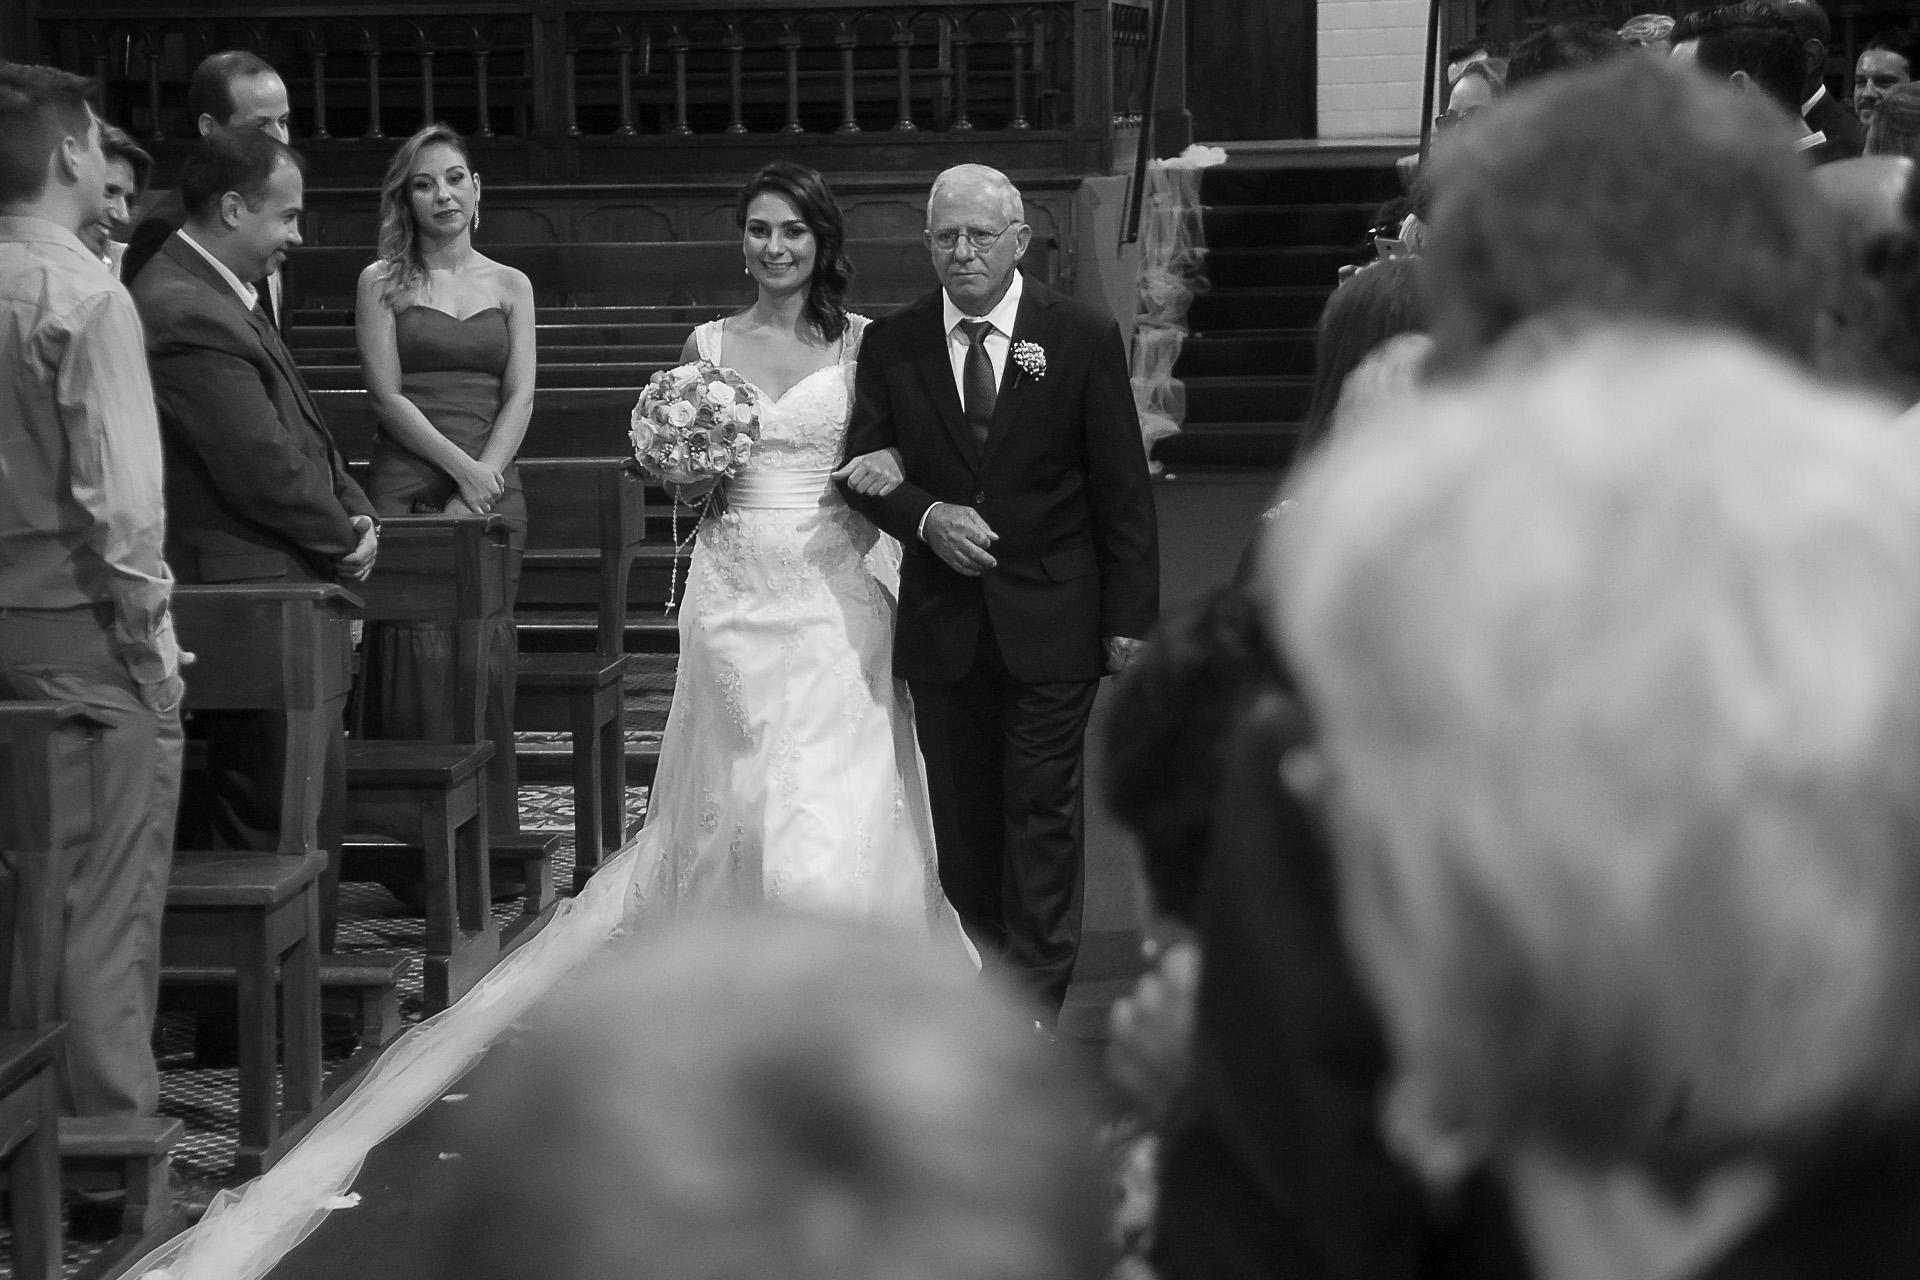 fotografo de casamento-30